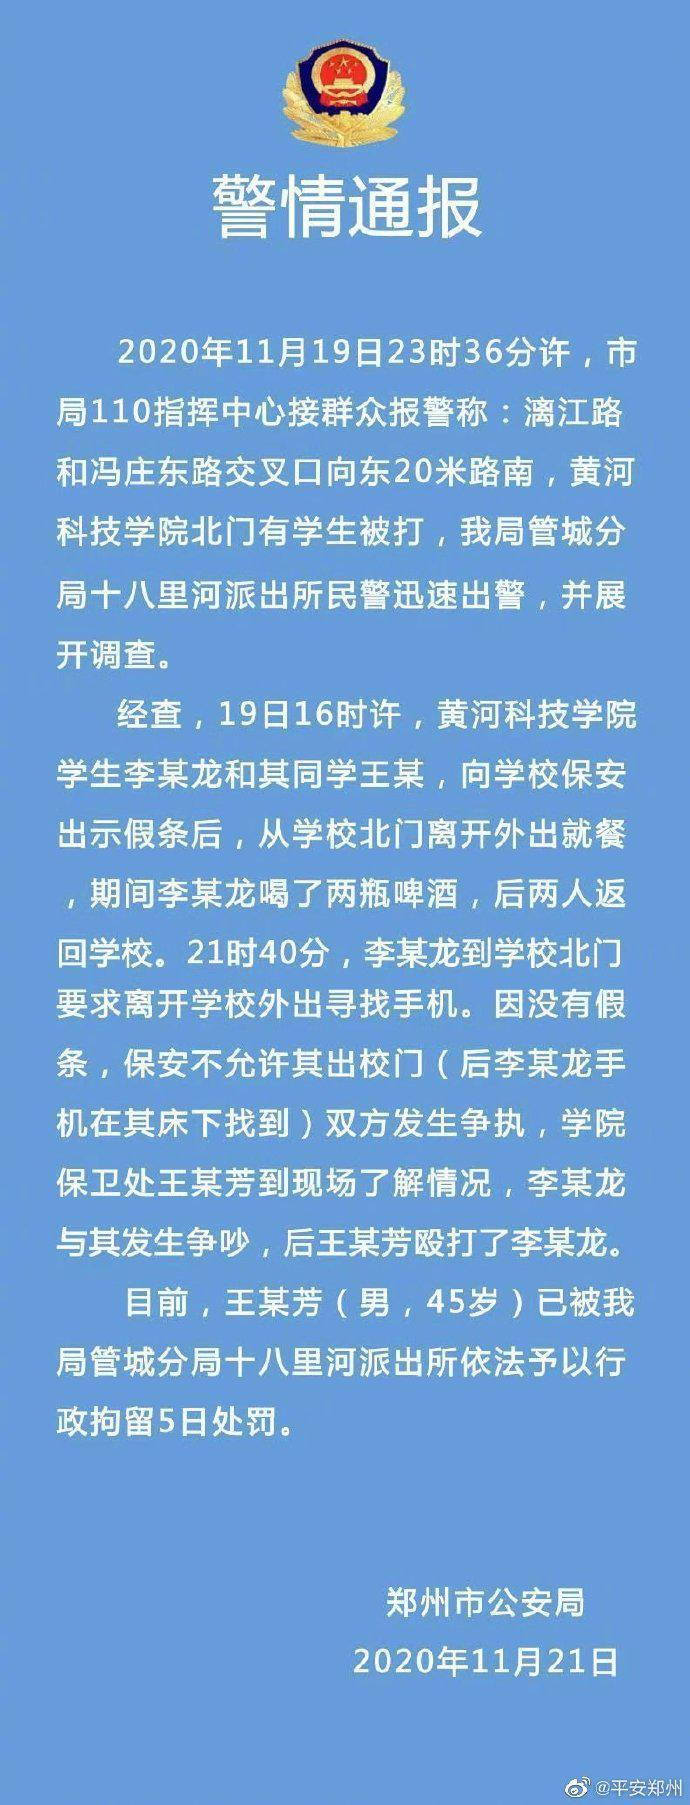 传黄河科技学院学生被保卫处人员殴打 官方通报:打人者被行拘5日